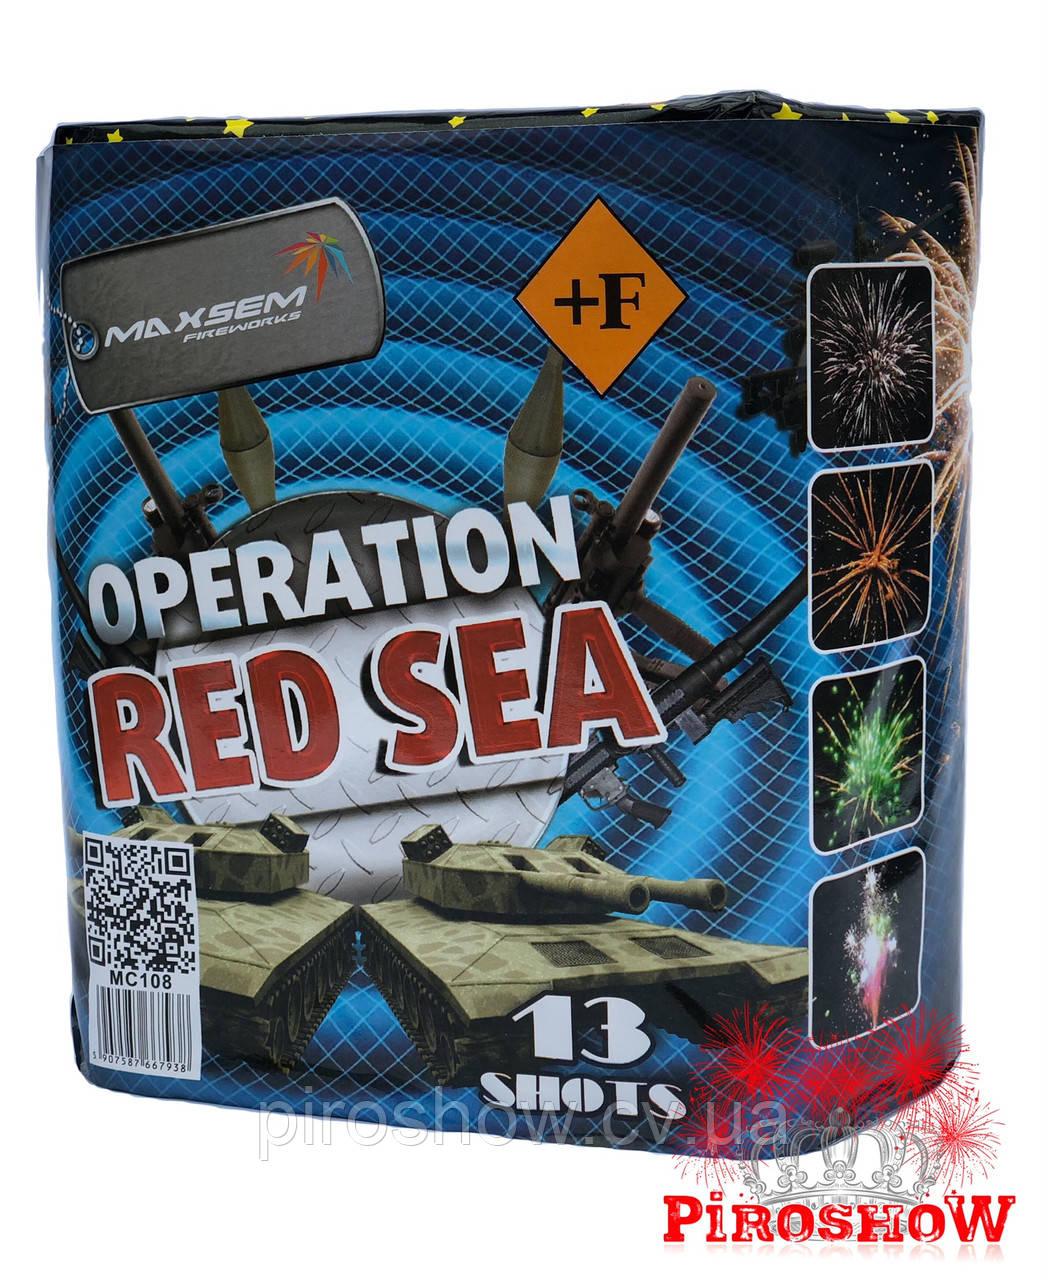 Салютная установка OPERATION RED SEA 13 выстрелов/30 калибр